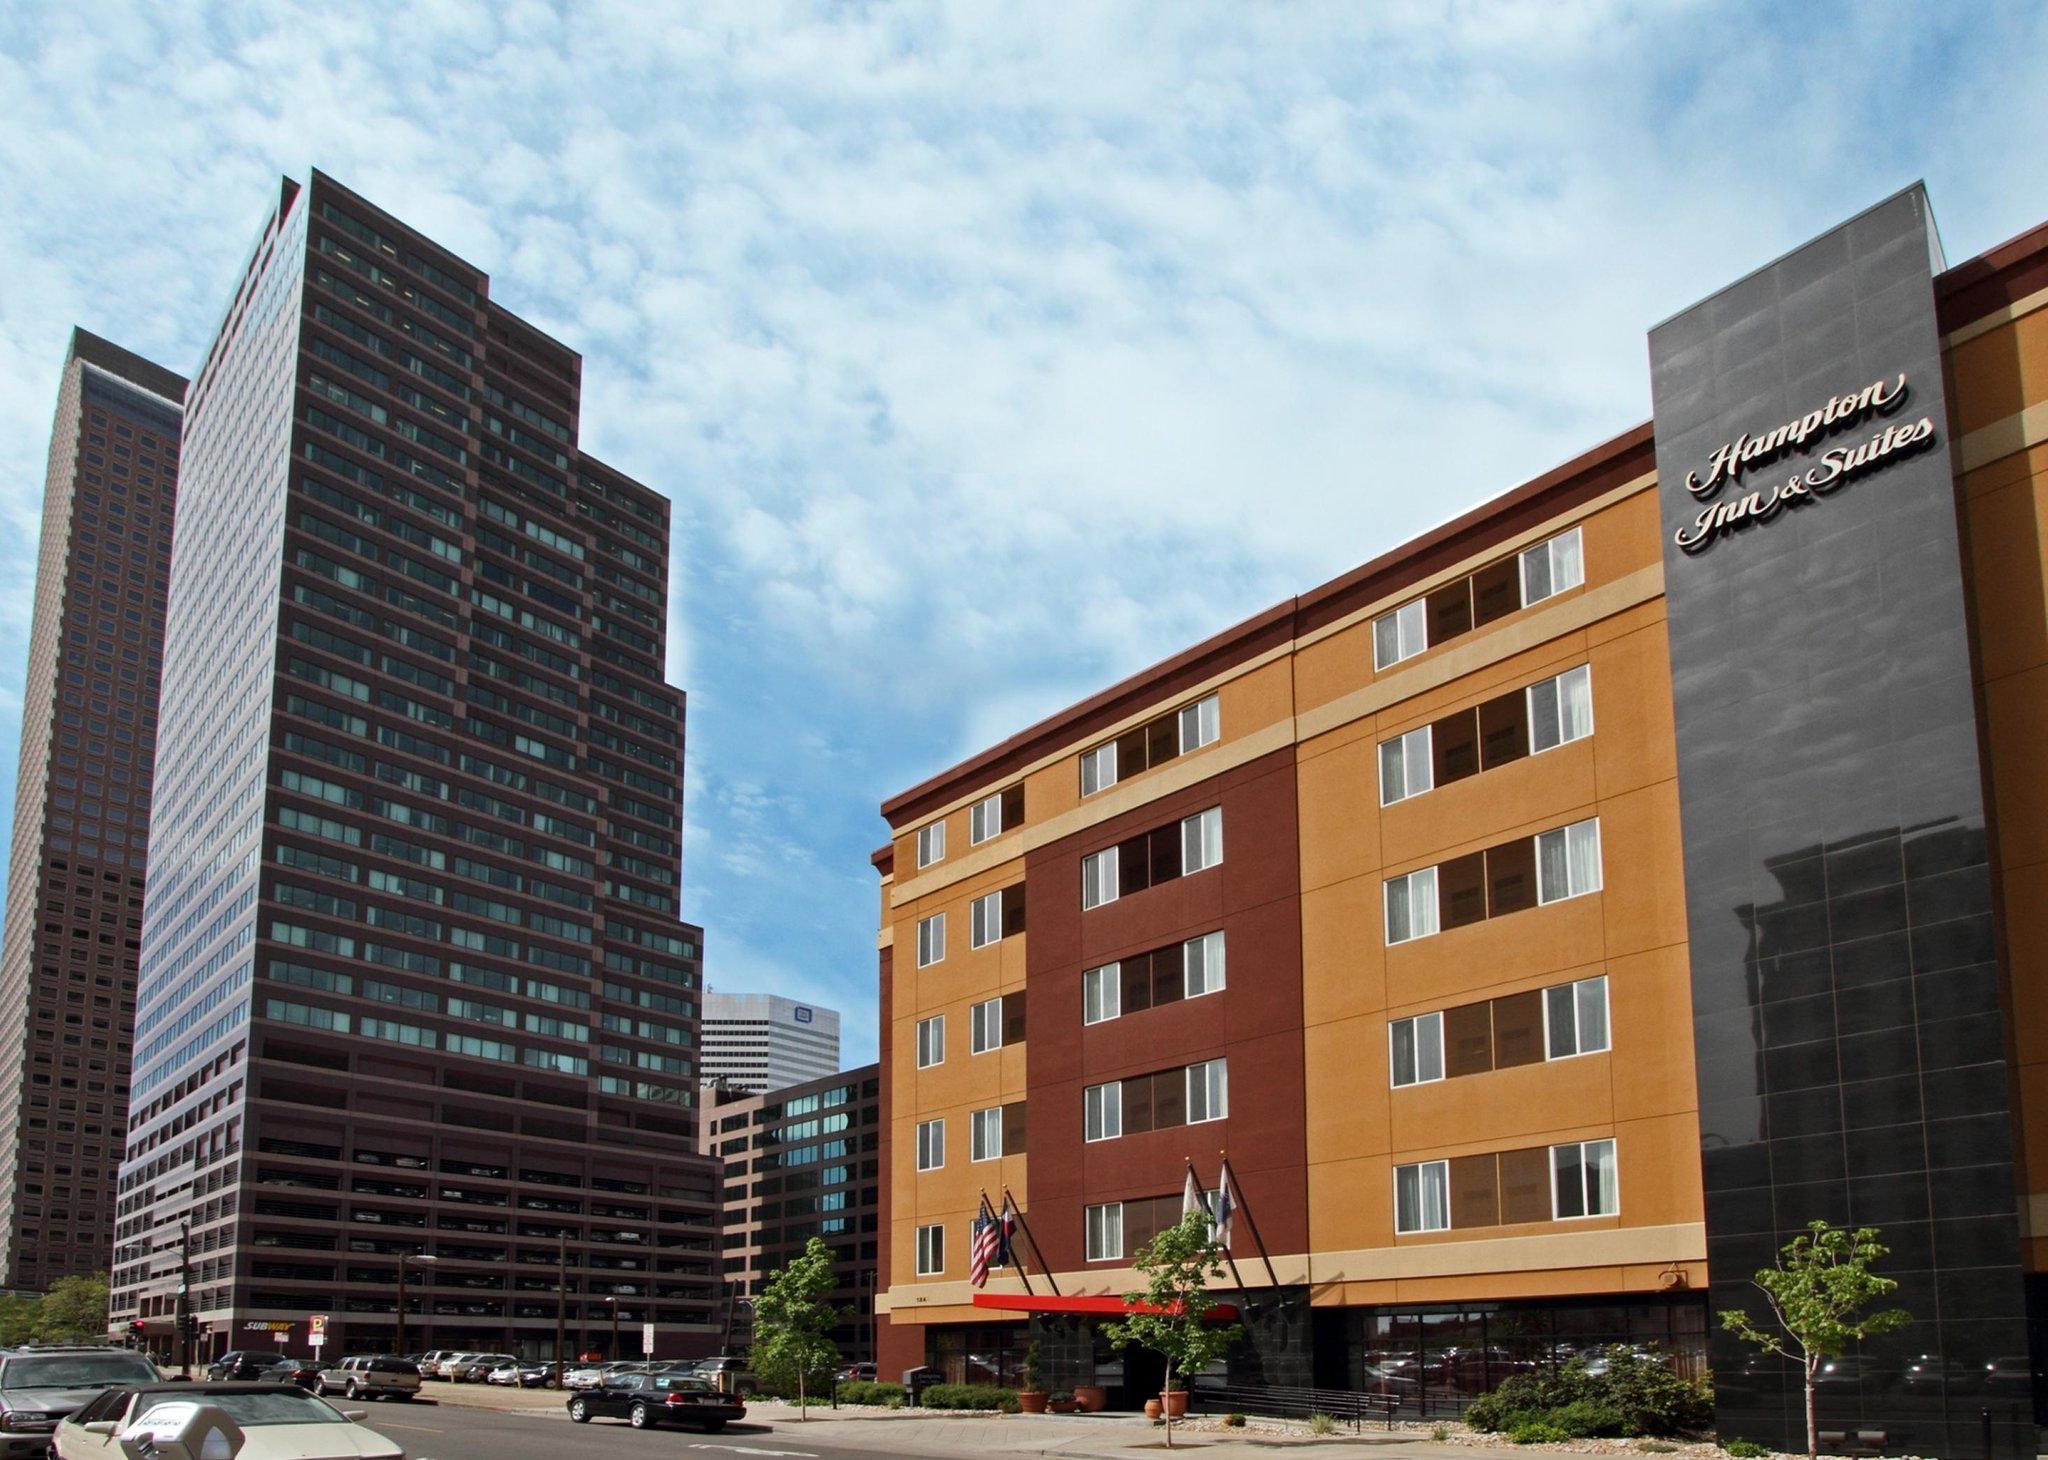 Hampton Inn & Suites Denver Downtown